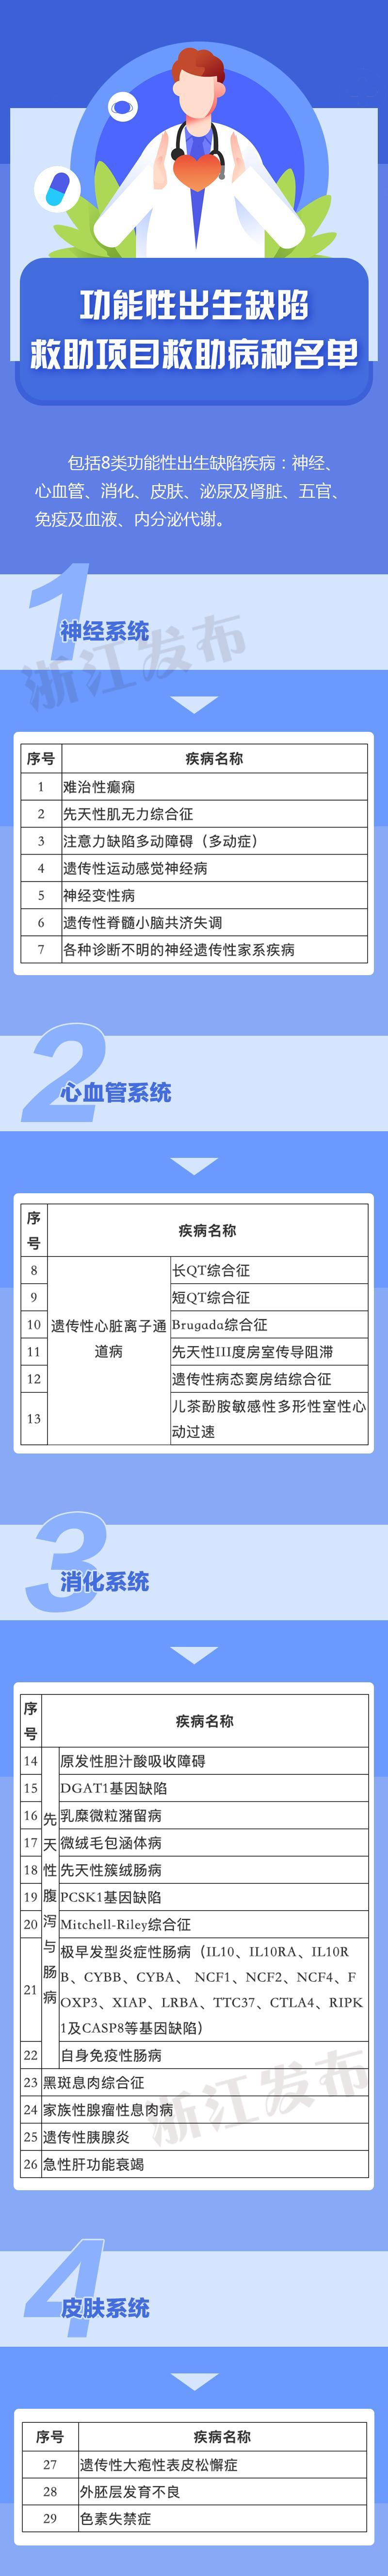 涵盖208个病种,浙江出生缺陷救助最新政策来了!